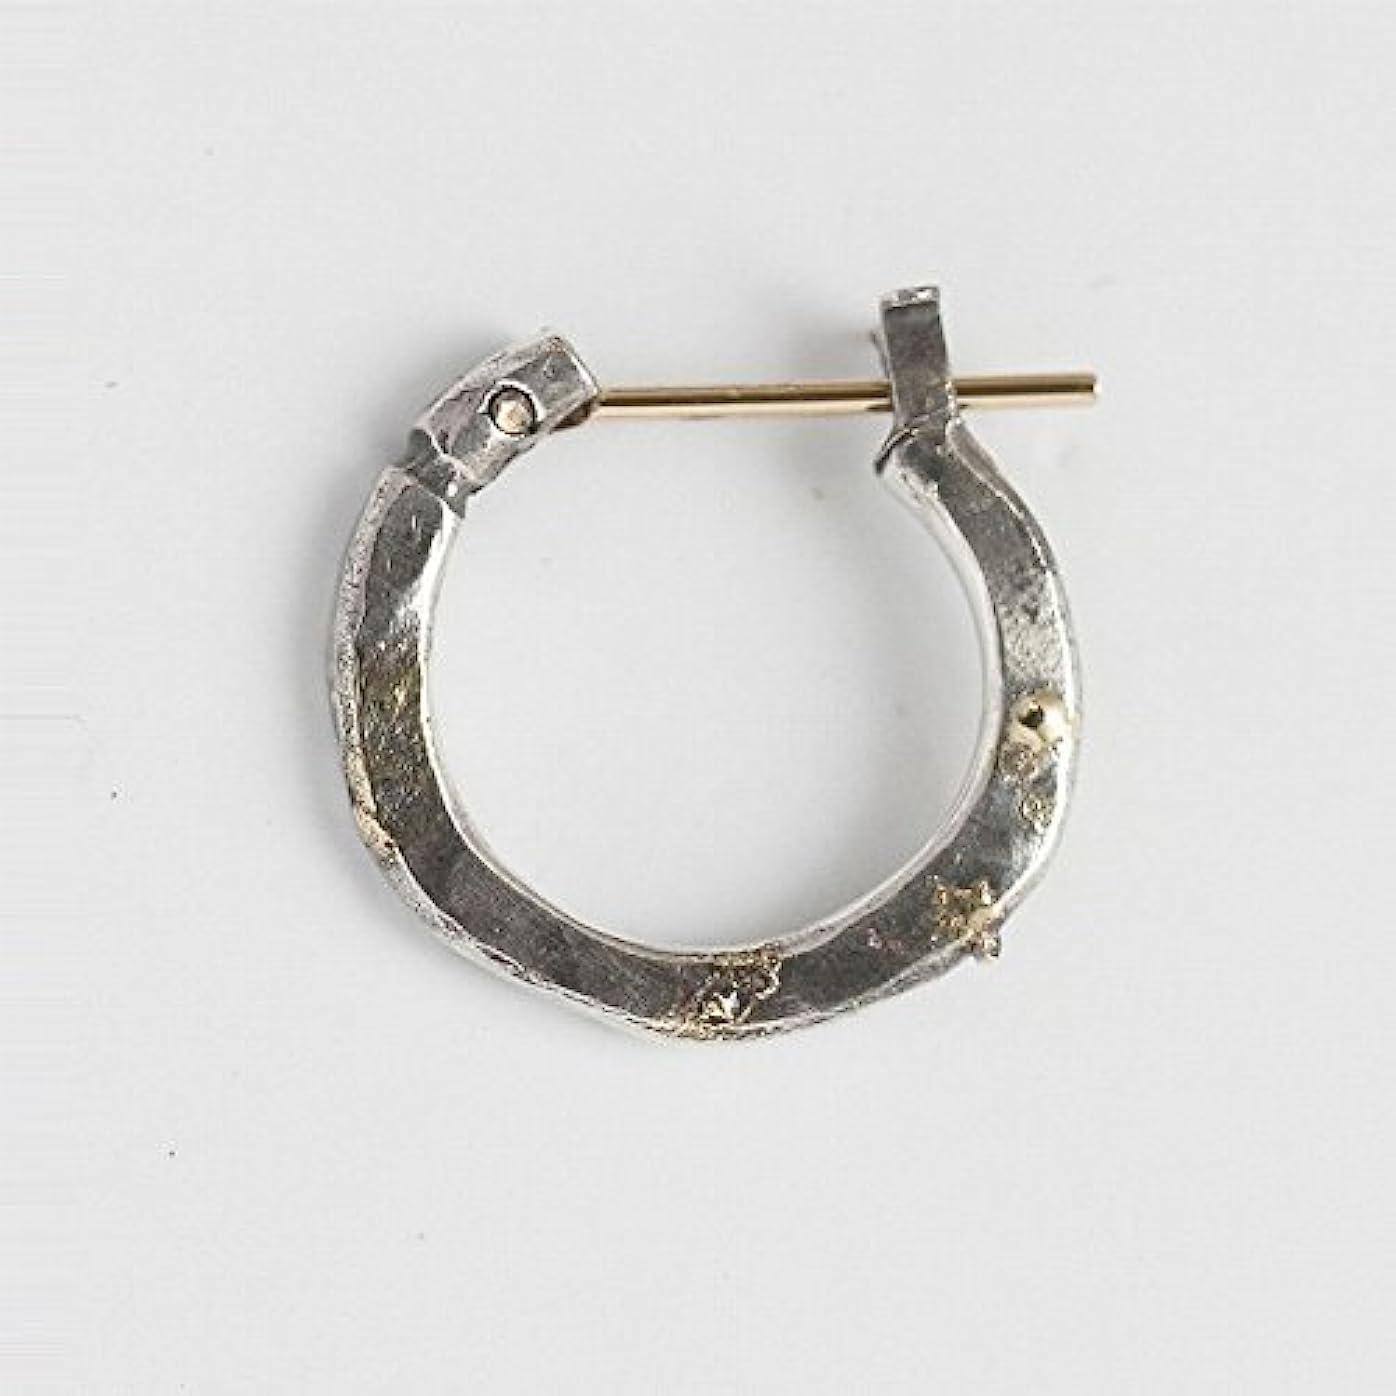 ターミナル被るうなるVIVIFY ビビファイ ピアス 18Kゴールド シンプルK18goldpost Hammered Hoop Pierce(S) w/gold 受注生産 (ONE COLOR)